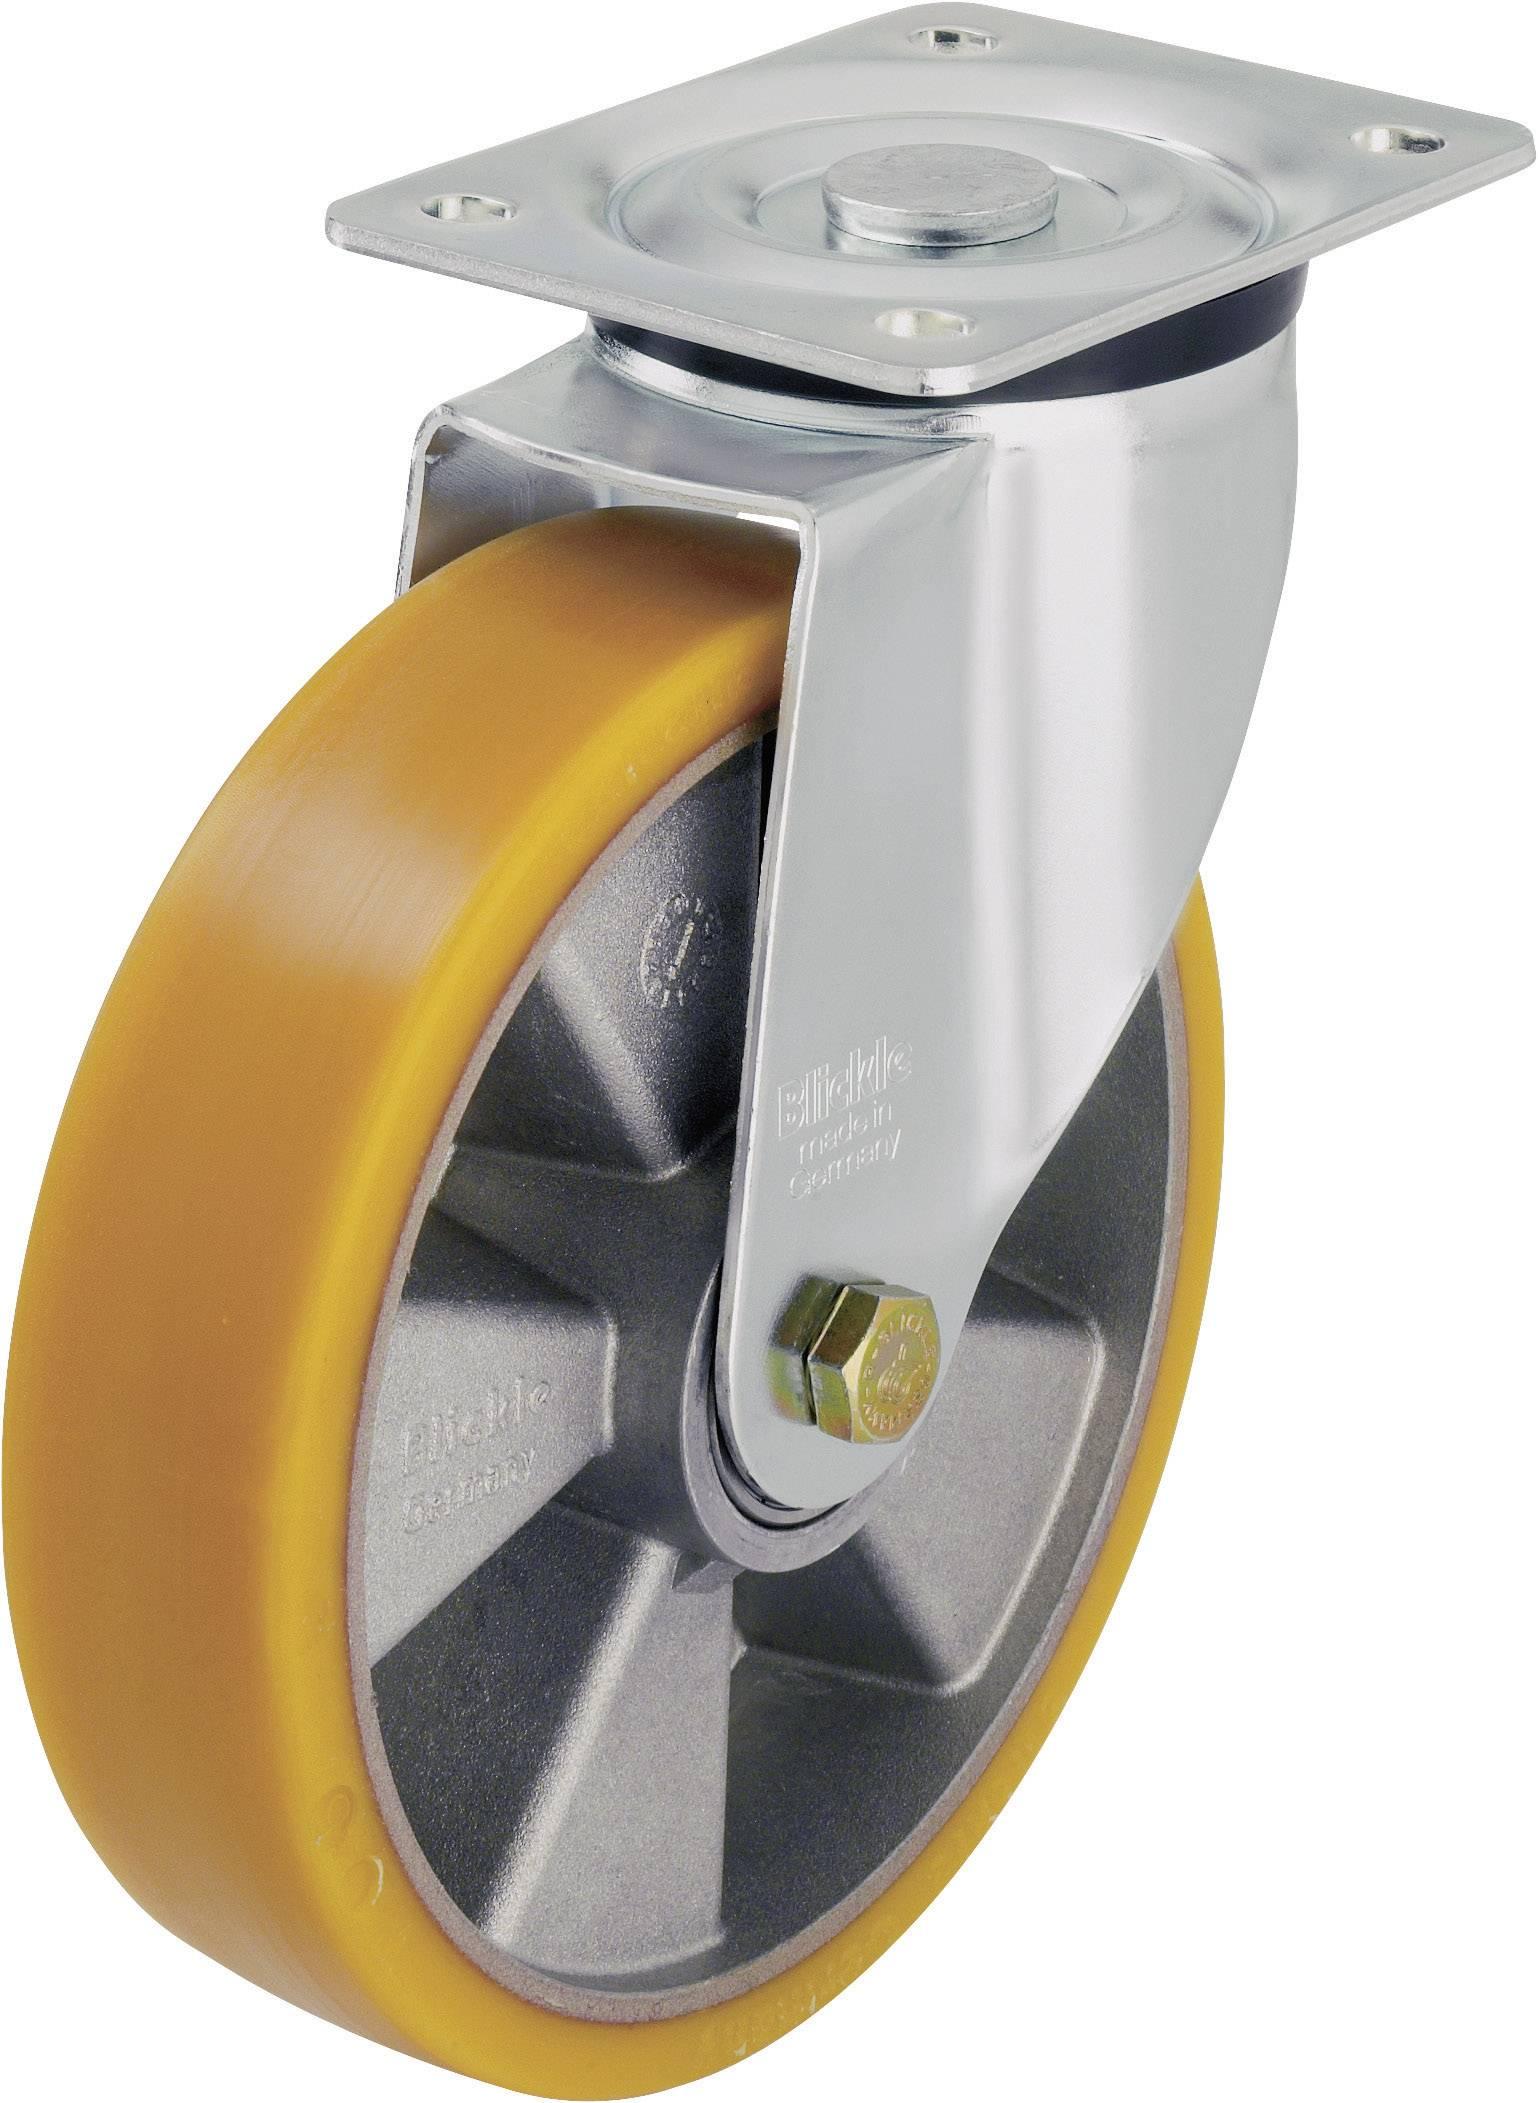 Otočné kolečko s konstrukční deskou, Ø 125 mm, Blickle 265777, LK-ALTH 125K-1